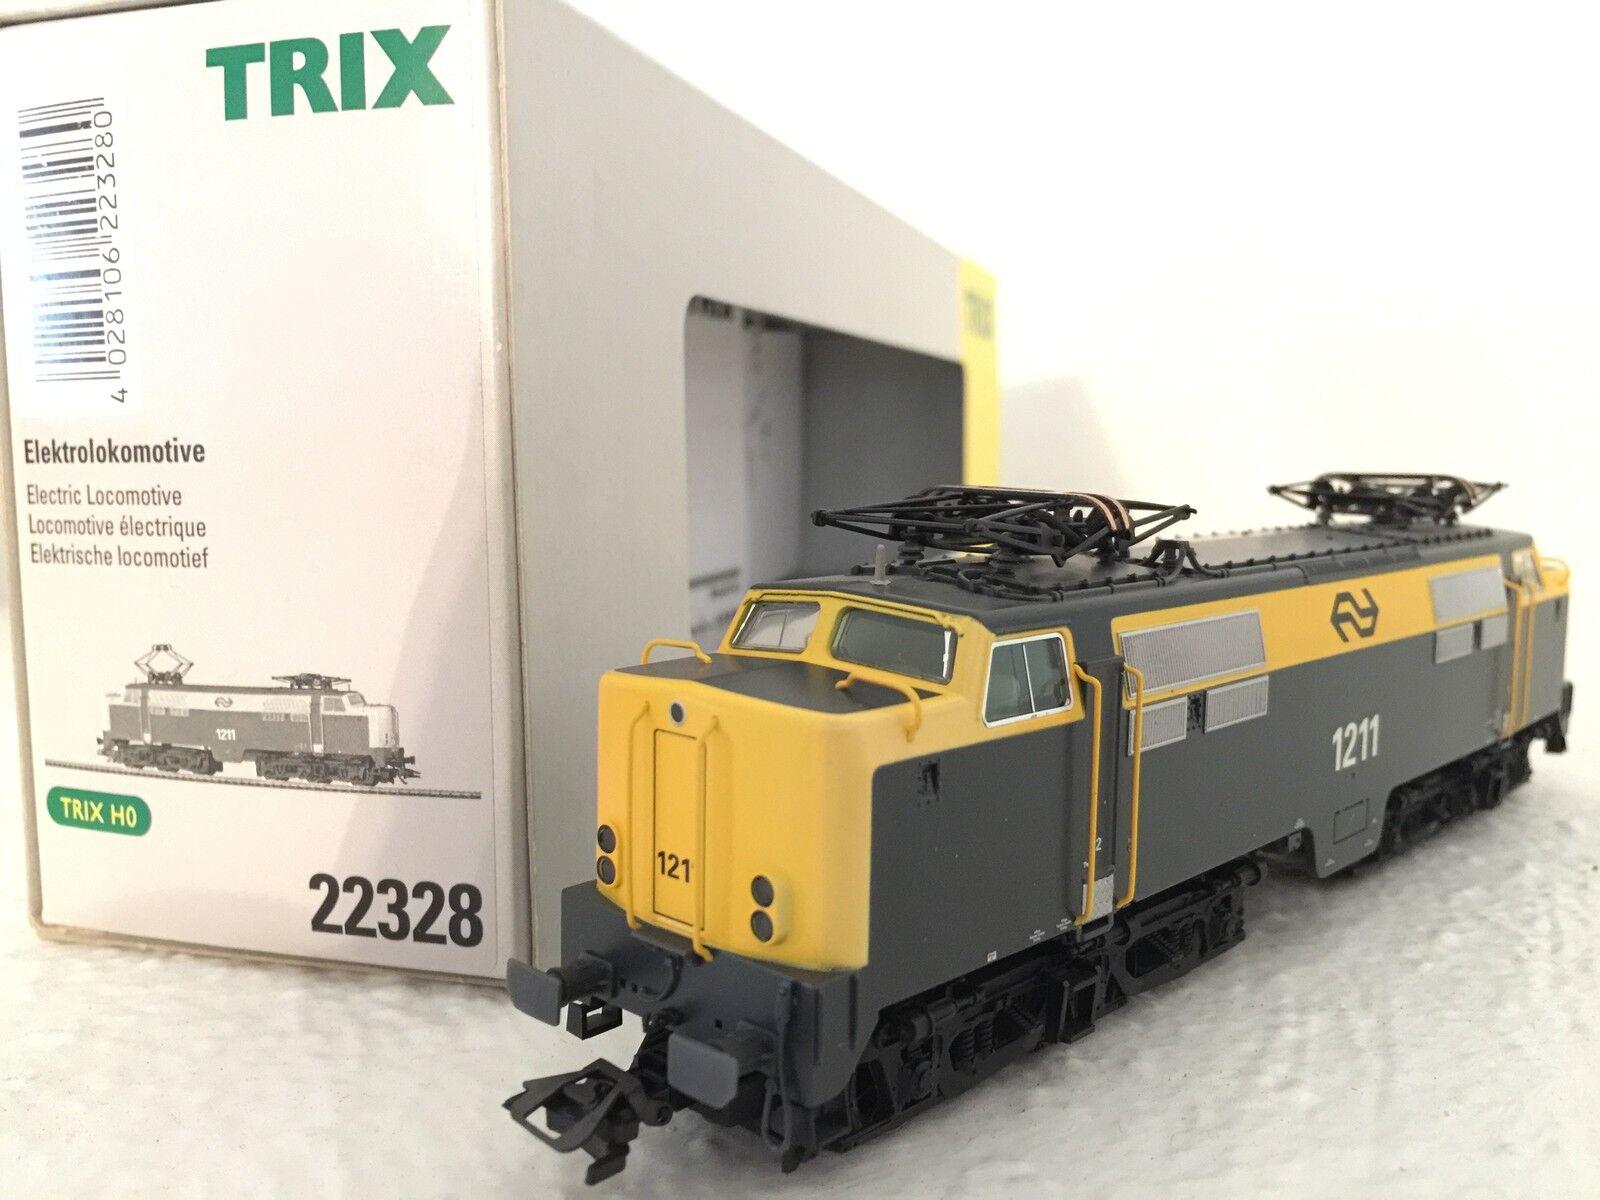 Trix h0 22328 e-Lok ns 1211 1200 Digital Sound para roco embalaje original nuevo